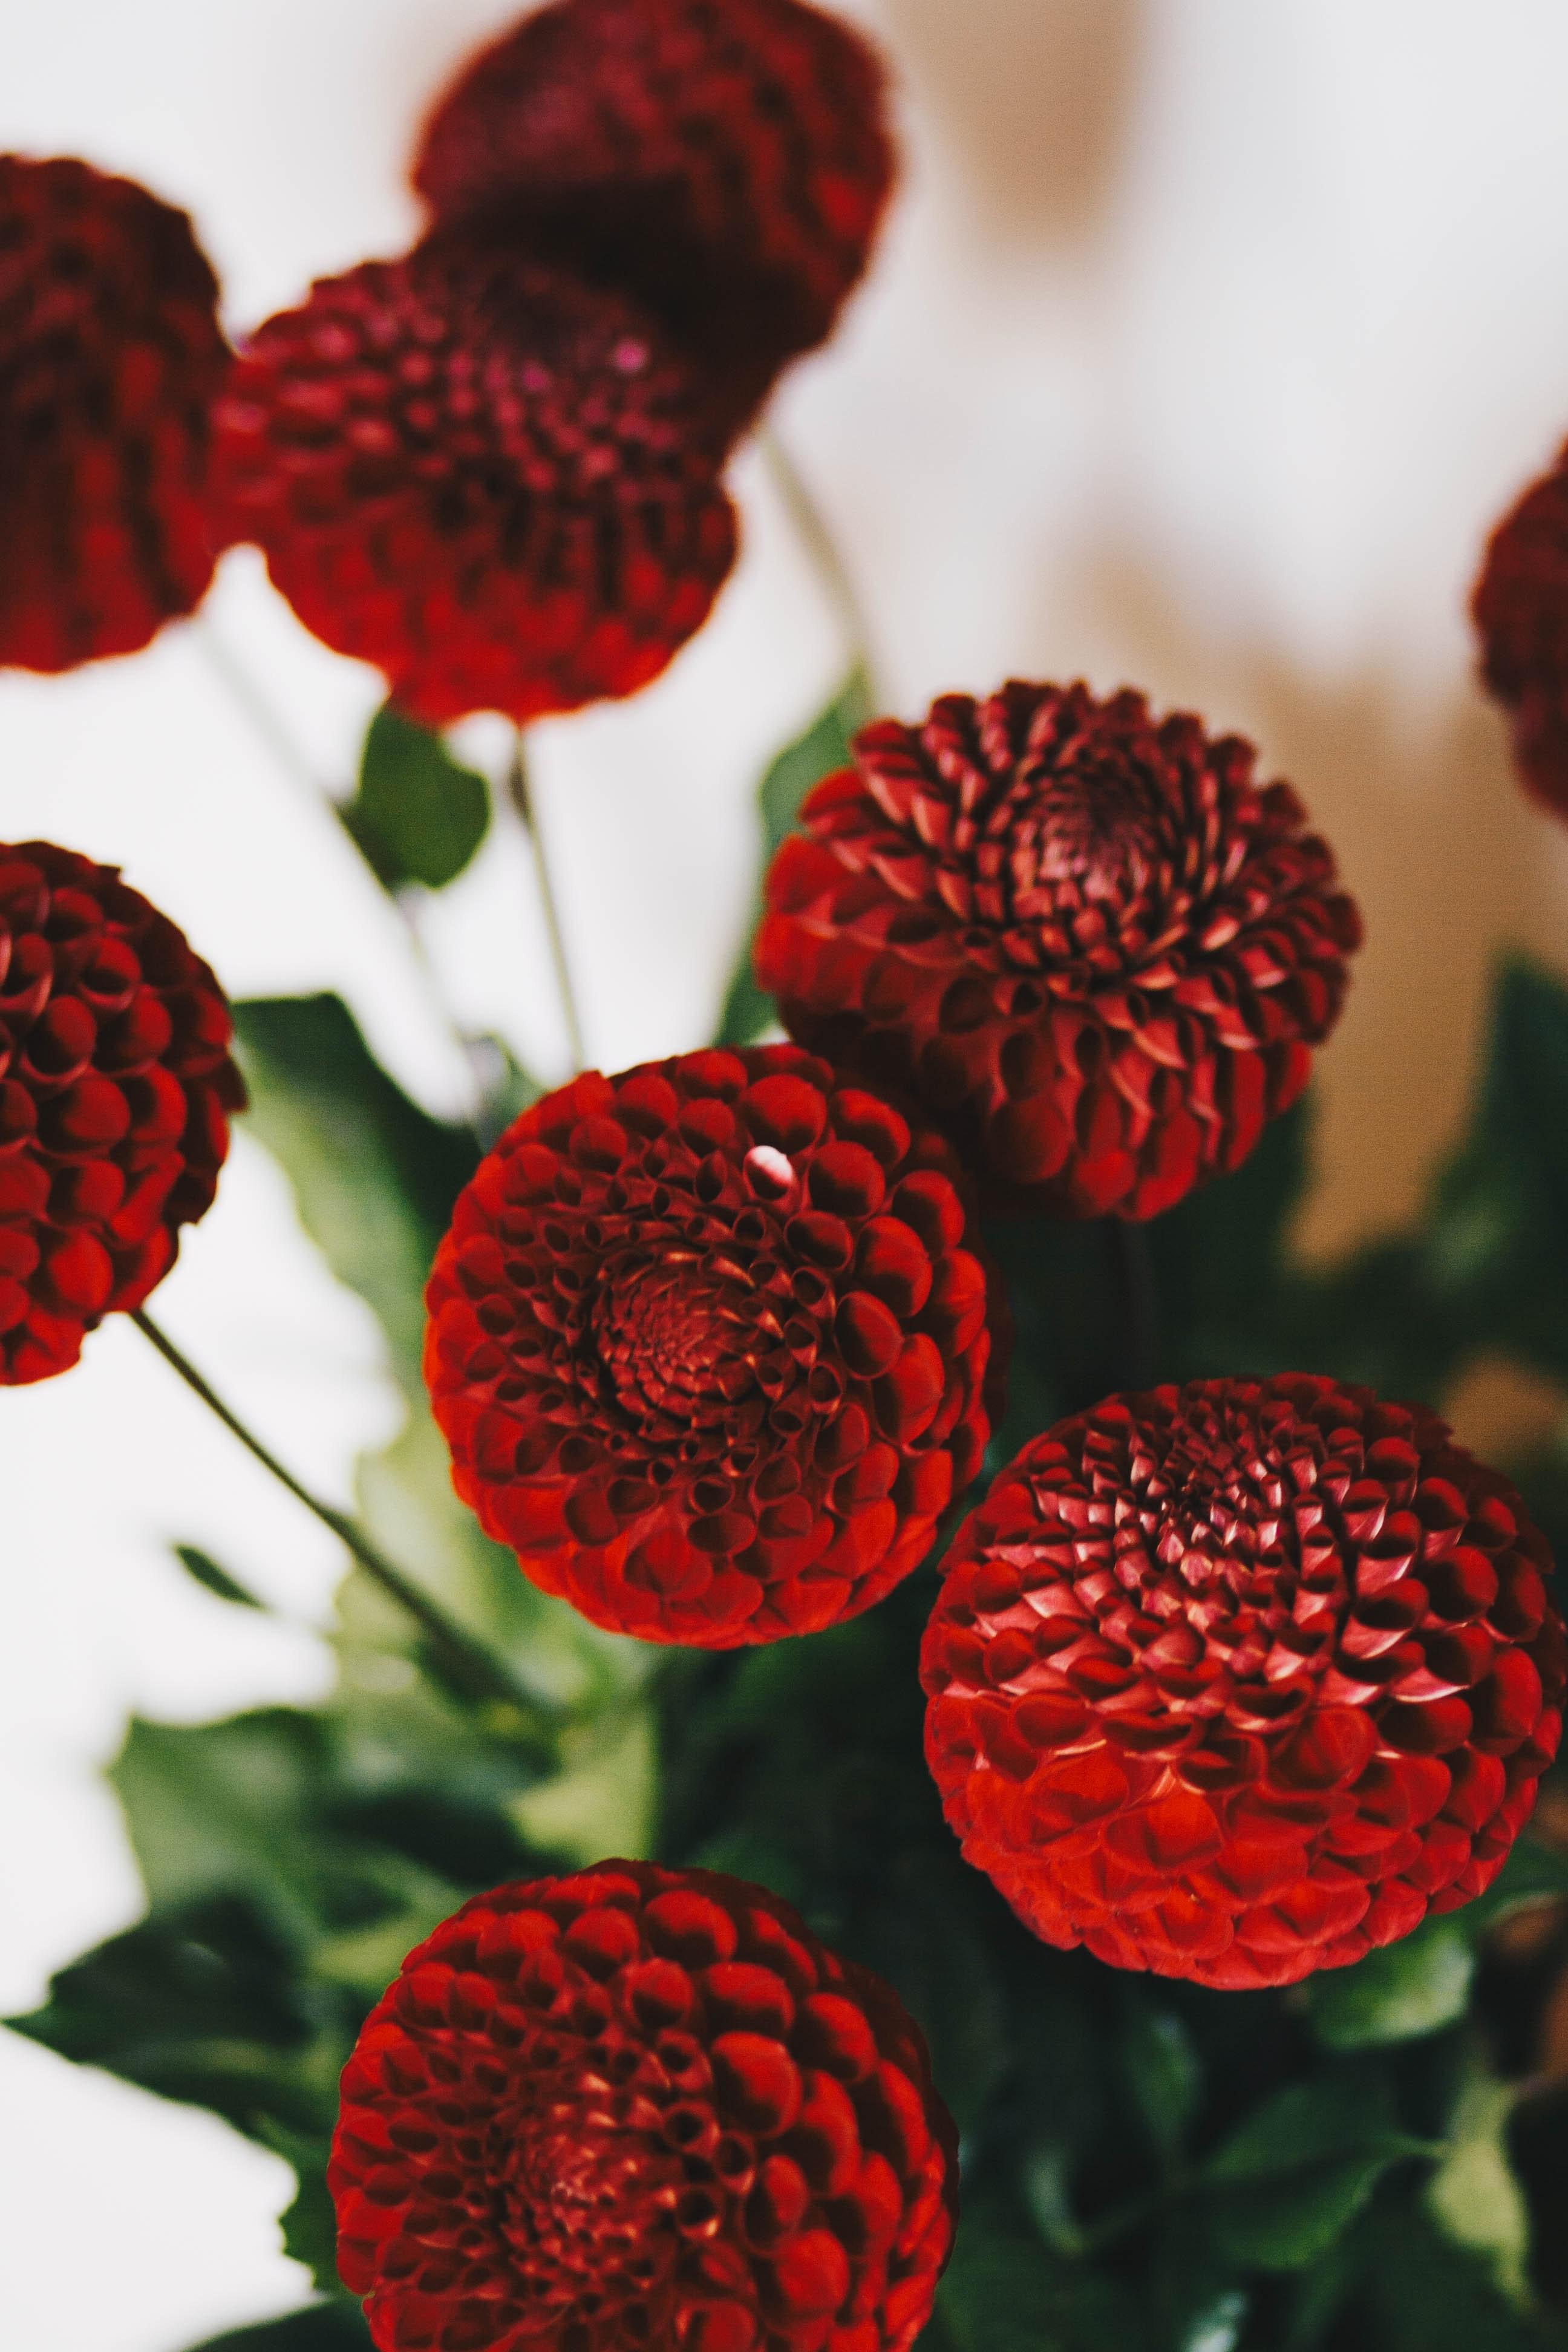 Foto Stok Gratis Tentang Bagus Bunga Dahlia Cantik